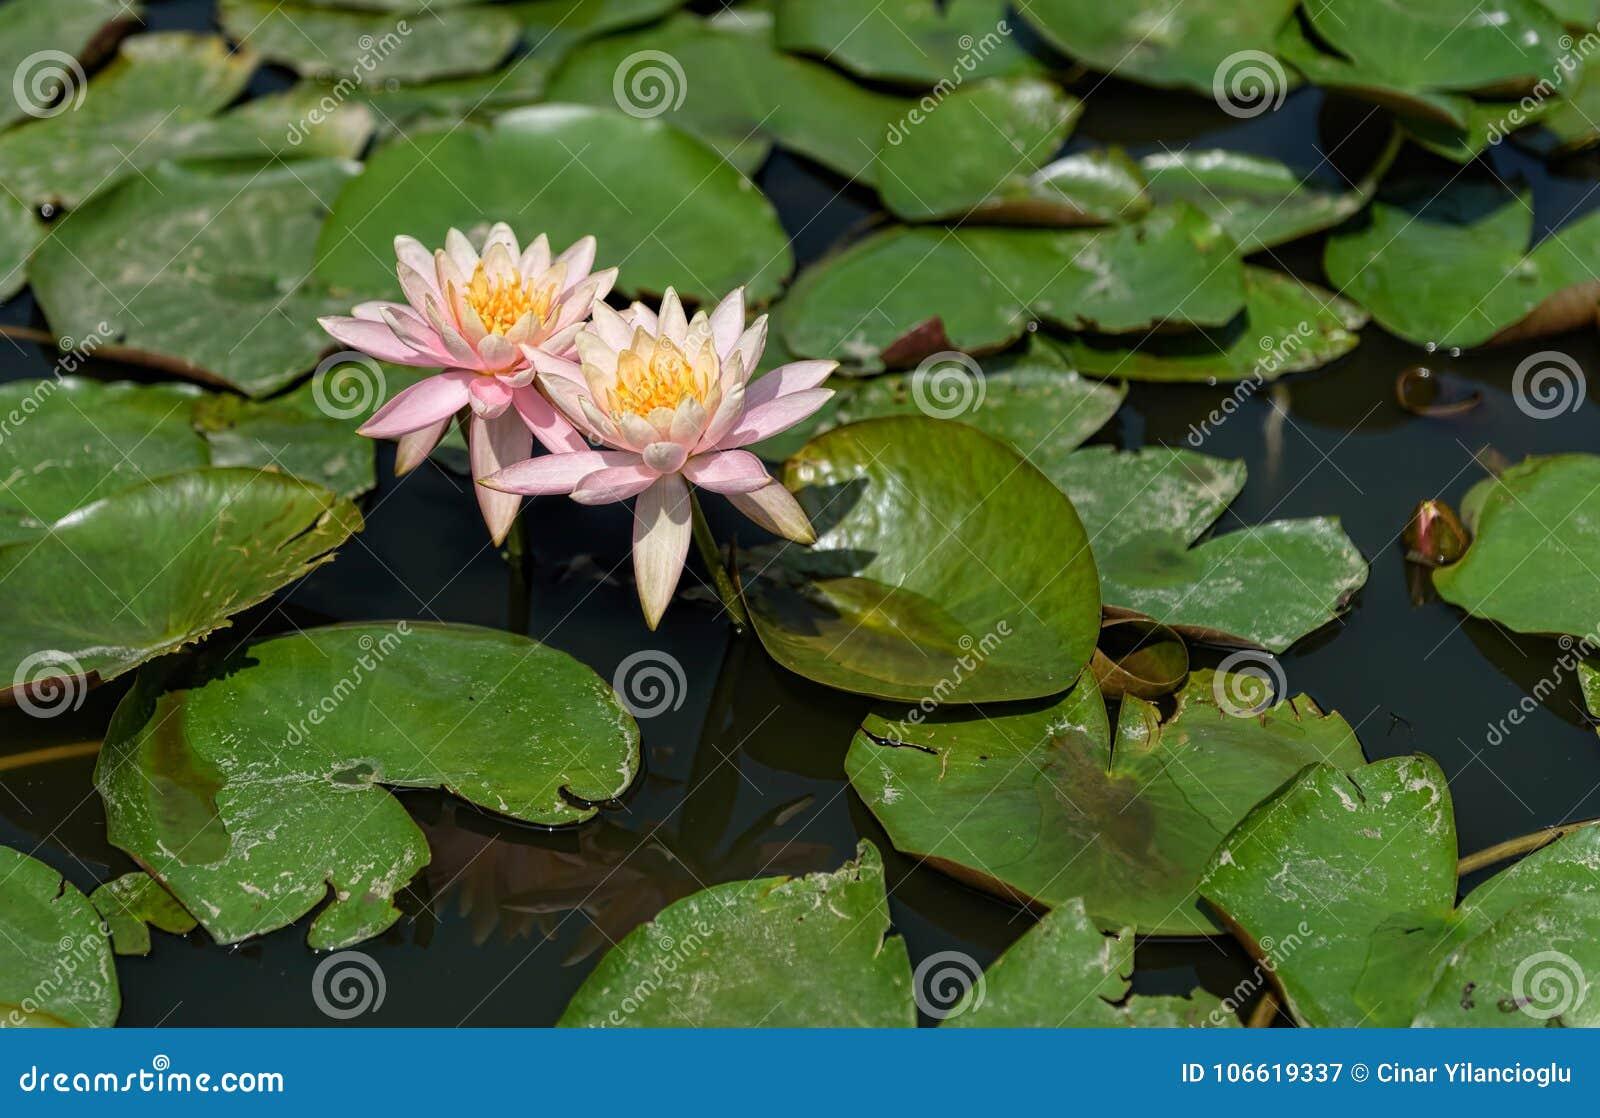 Lírios de água em uma lagoa com licença escura da água e largamente horizontalmente do verde